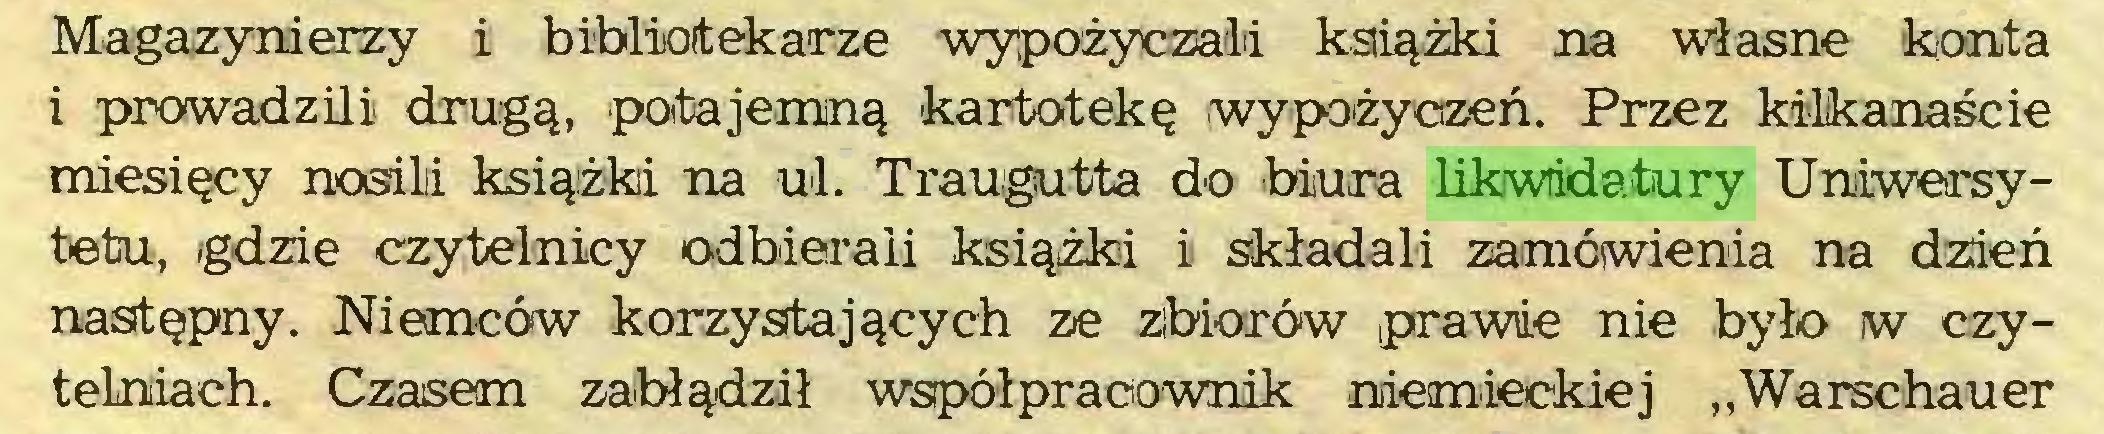 """(...) Magazynierzy i bibliotekarze wypożyczali książki na własne konta i prowadzili drugą, potajemną kartotekę wypożyczeń. Przez kilkanaście miesięcy nosili książki na ul. Traugutta do biura likwidatury Uniwersytetu, gdzie czytelnicy odbierali książki i składali zamówienia na dzień następny. Niemców korzystających ze zbiorów prawie nie było w czytelniach. Czasem zabłądził współpracownik niemieckiej """"Warschauer..."""